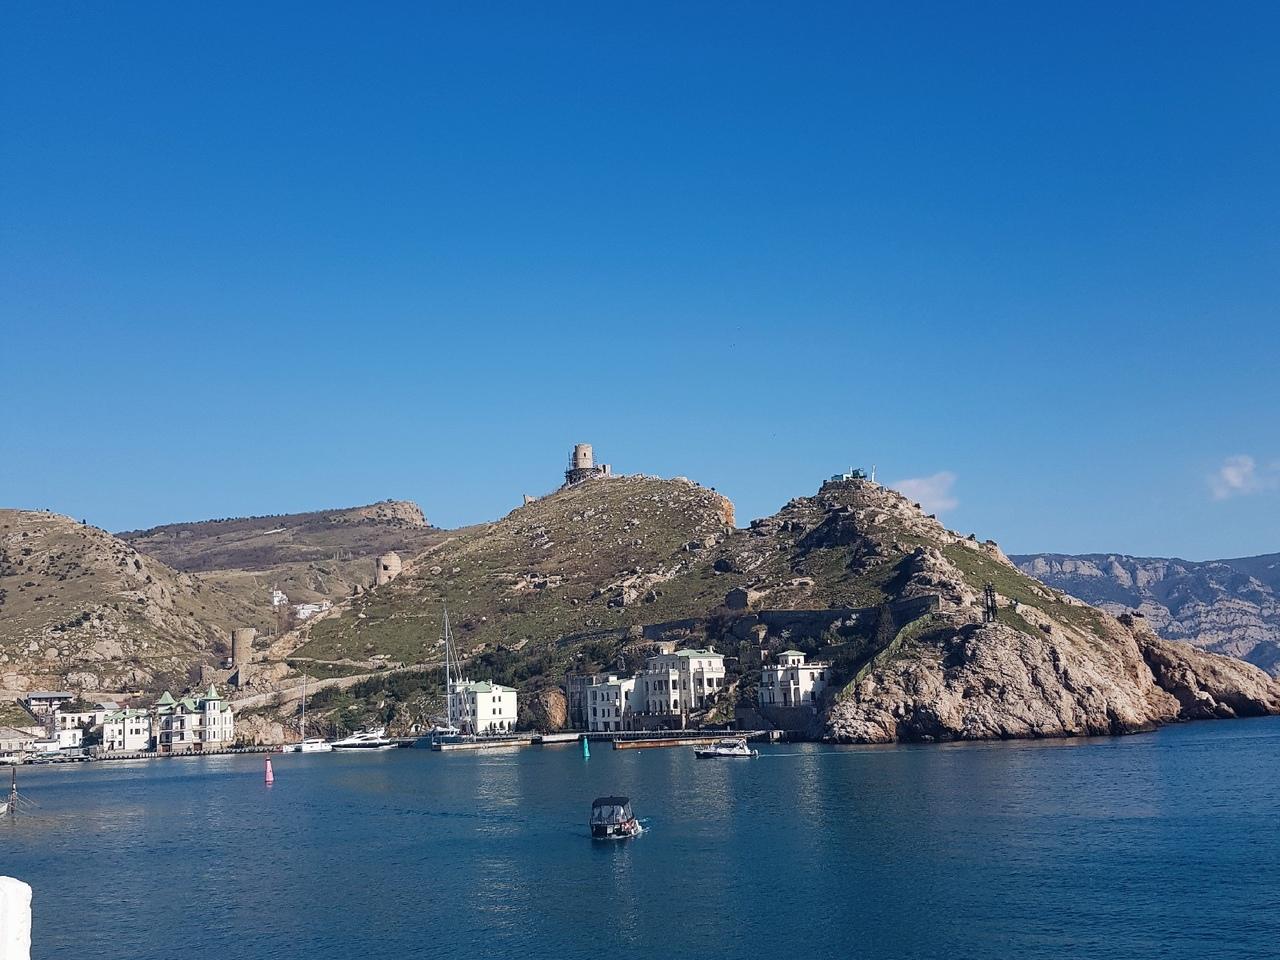 Блог путешественника по Крыму: ТОП-7 смотровых площадок полуострова